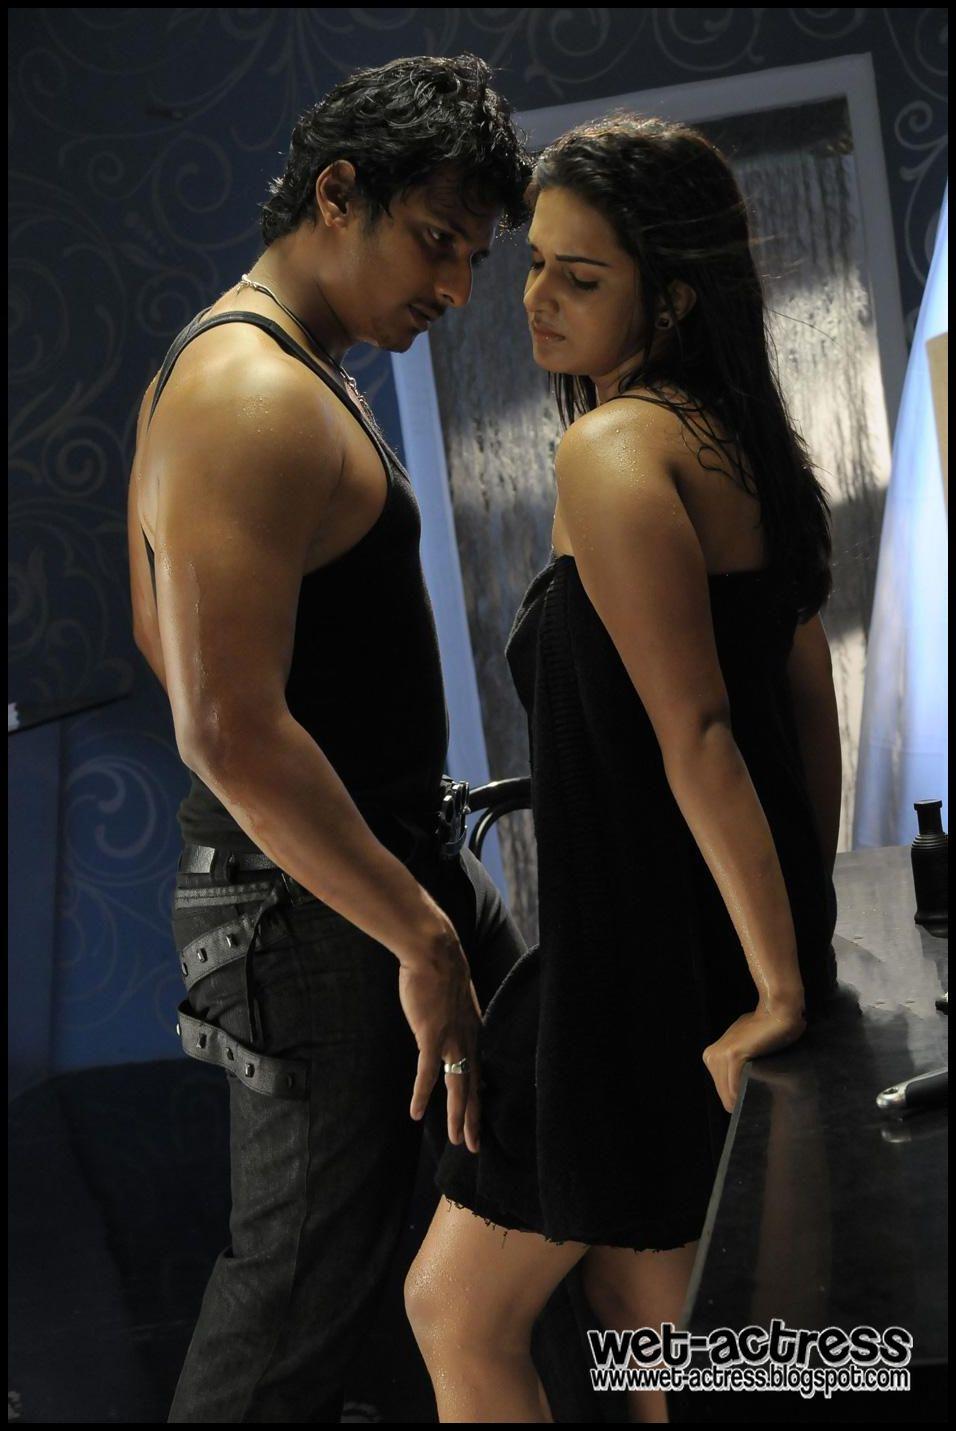 Tamil Movie Singam Puli Spicy Stills   Wet-Actress1